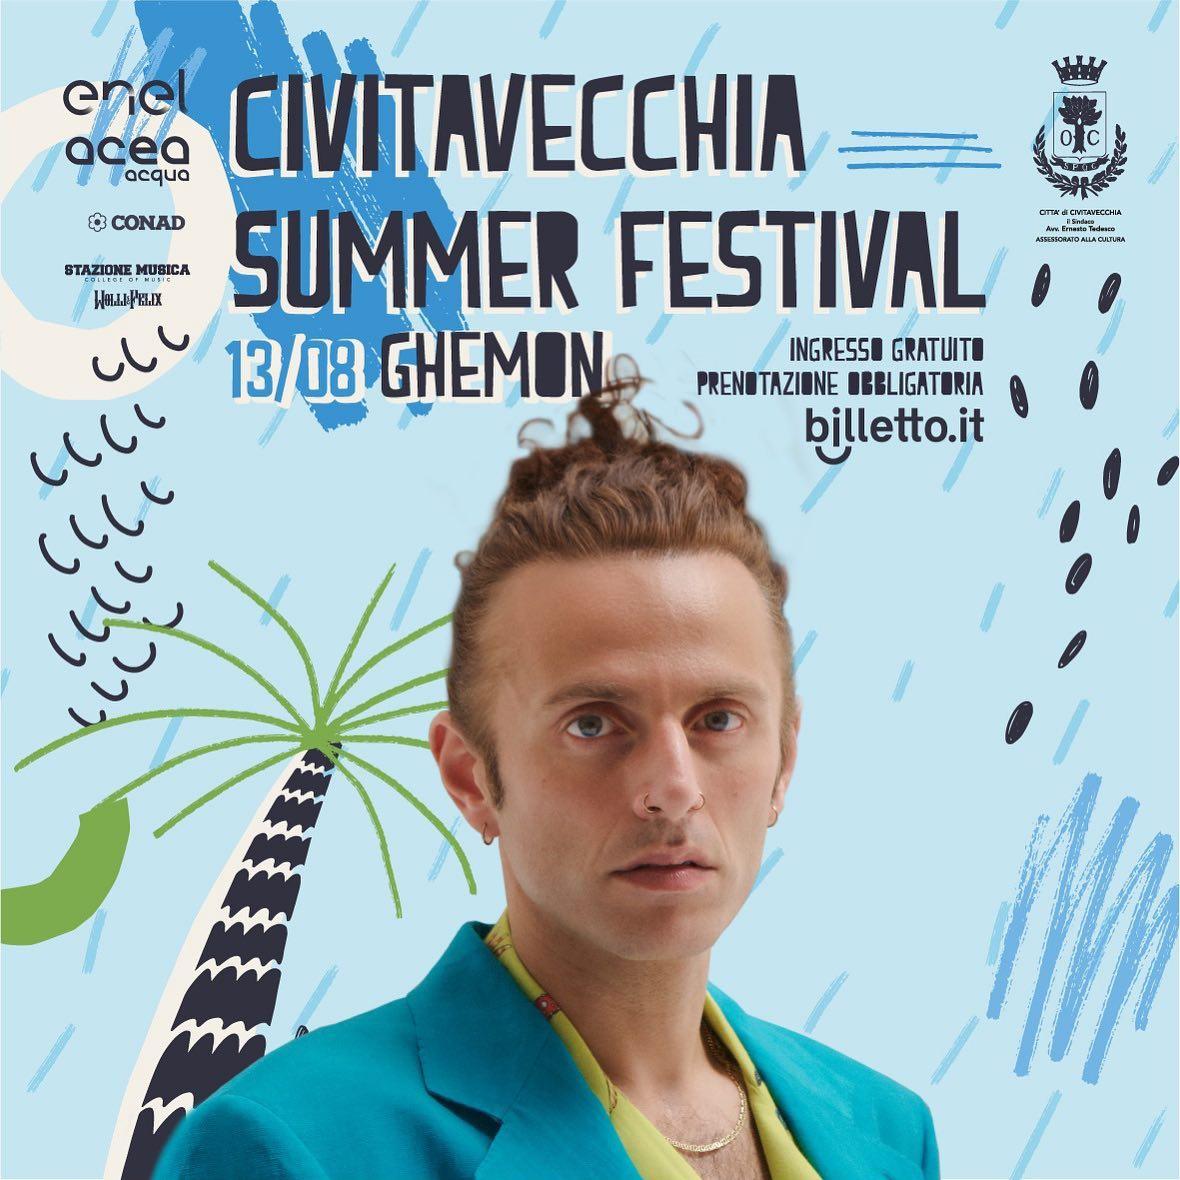 Ghemon, questa sera il rapper e cantautore sarà a Civitavecchia